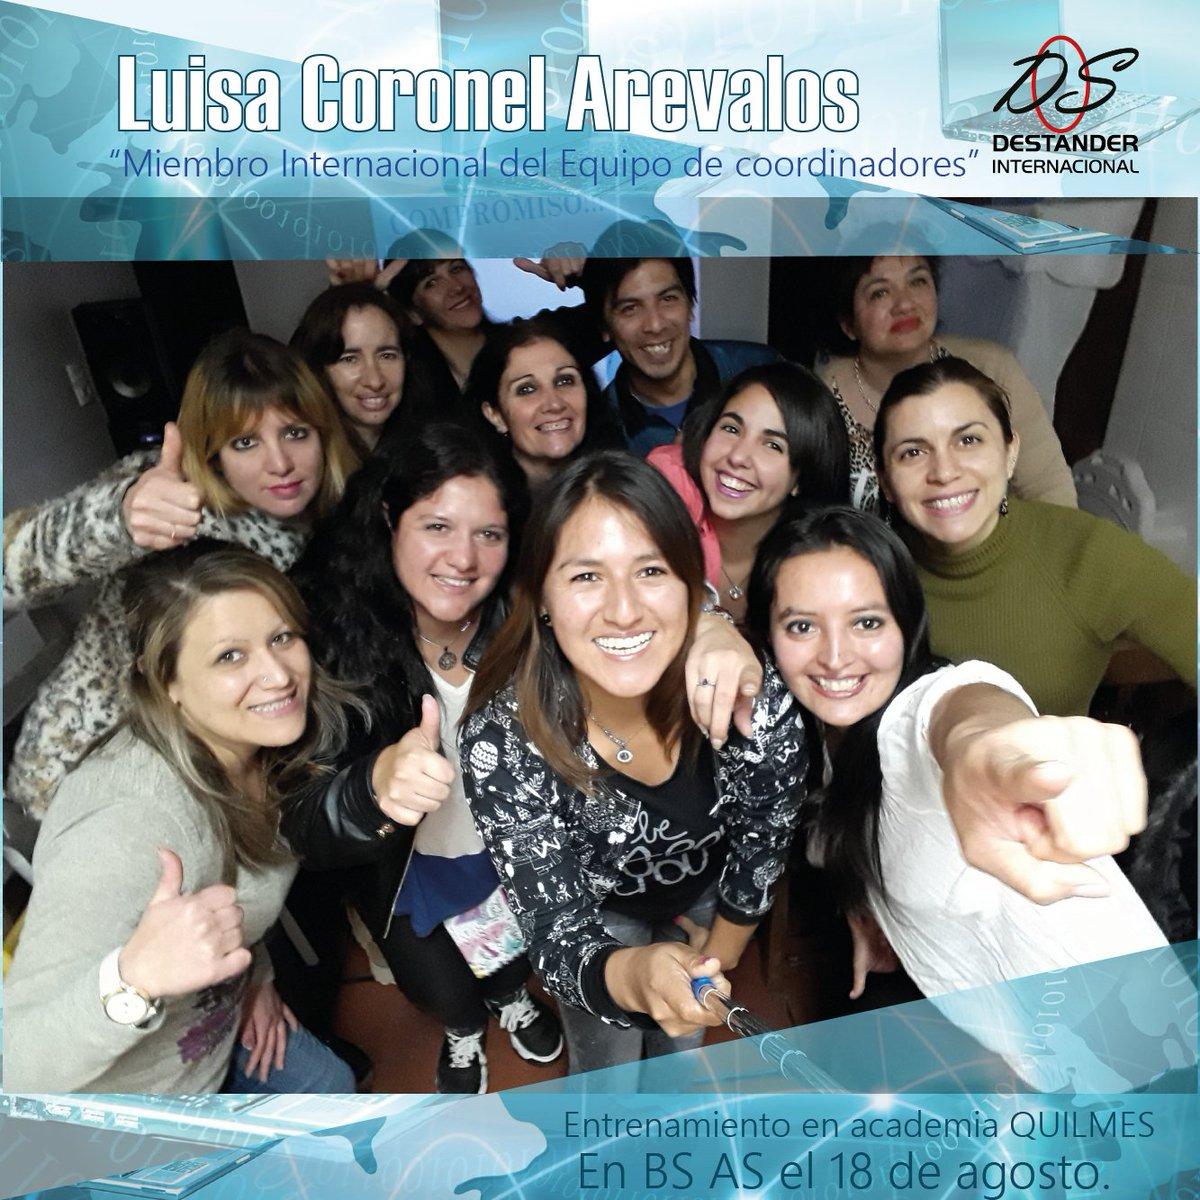 Entrenamiento en Academia Quilmes  Luisa Coronel Arevalos En Bs As el 18 de Agosto. https://t.co/jKH7uZDSQW